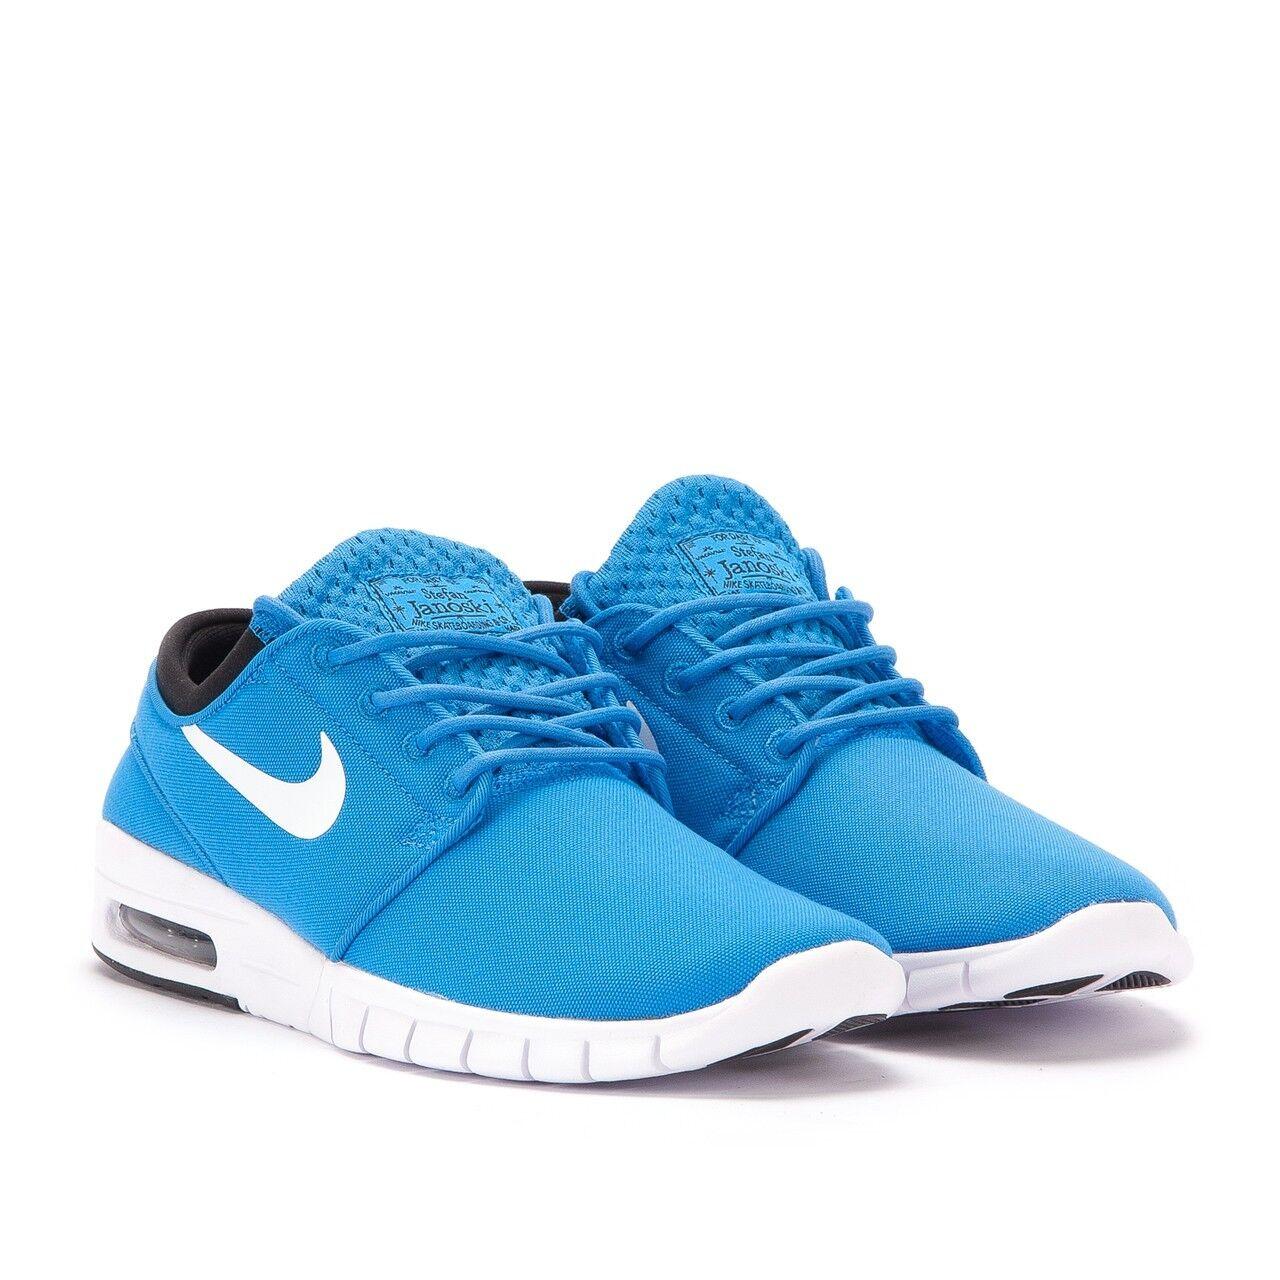 New* Men's Nike Stefan Janoski Max Shoes Photo Blue White Black 631303 401 Sz 14